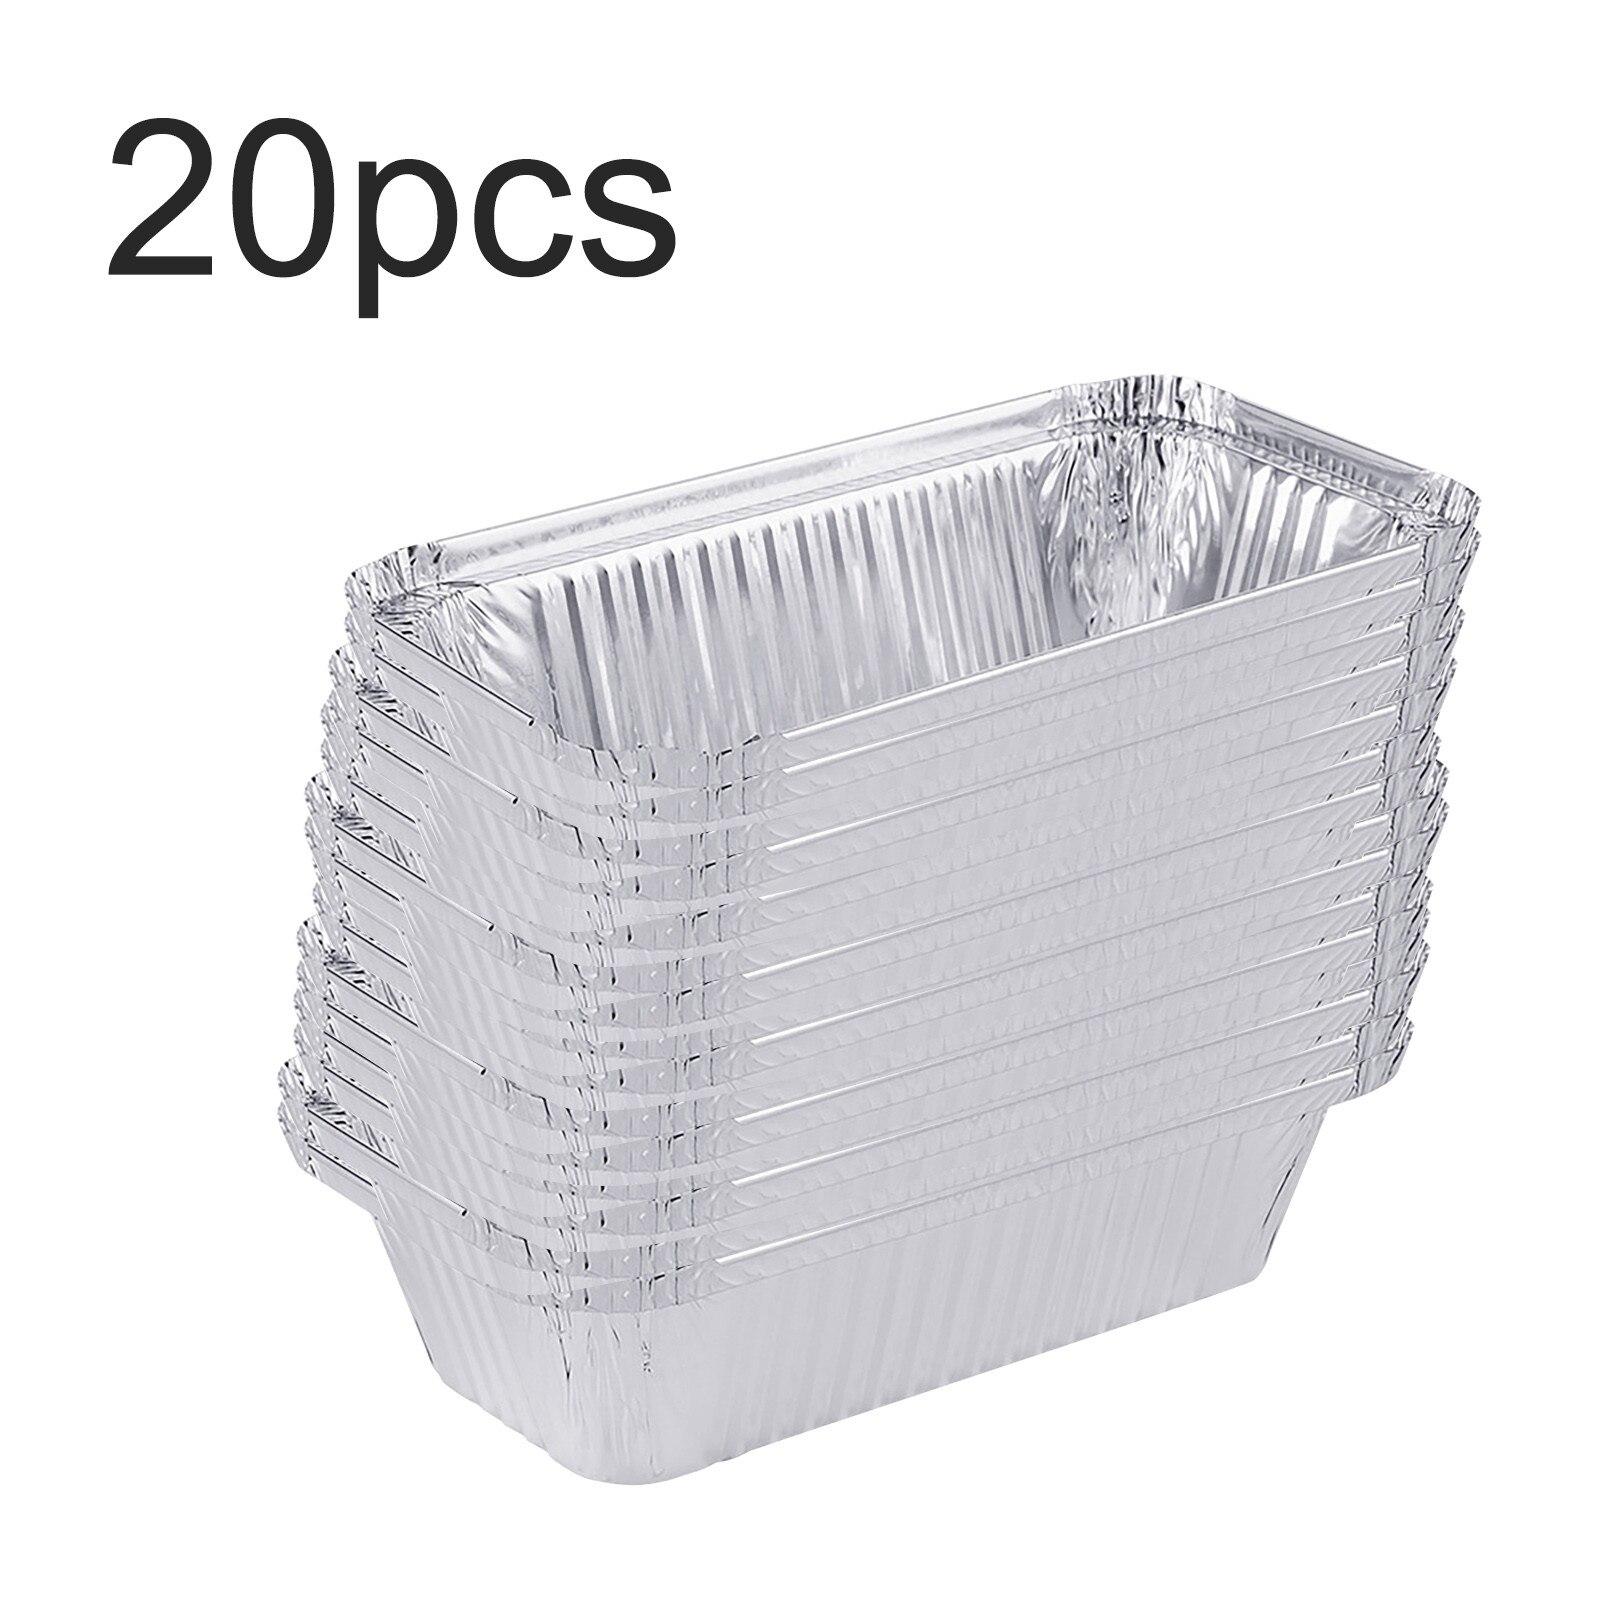 20pcs Foil Pans With Lids Aluminum Pans with Covers Disposable Food Containers BBQ Baking tin foil Wholesale Papel de aluminio